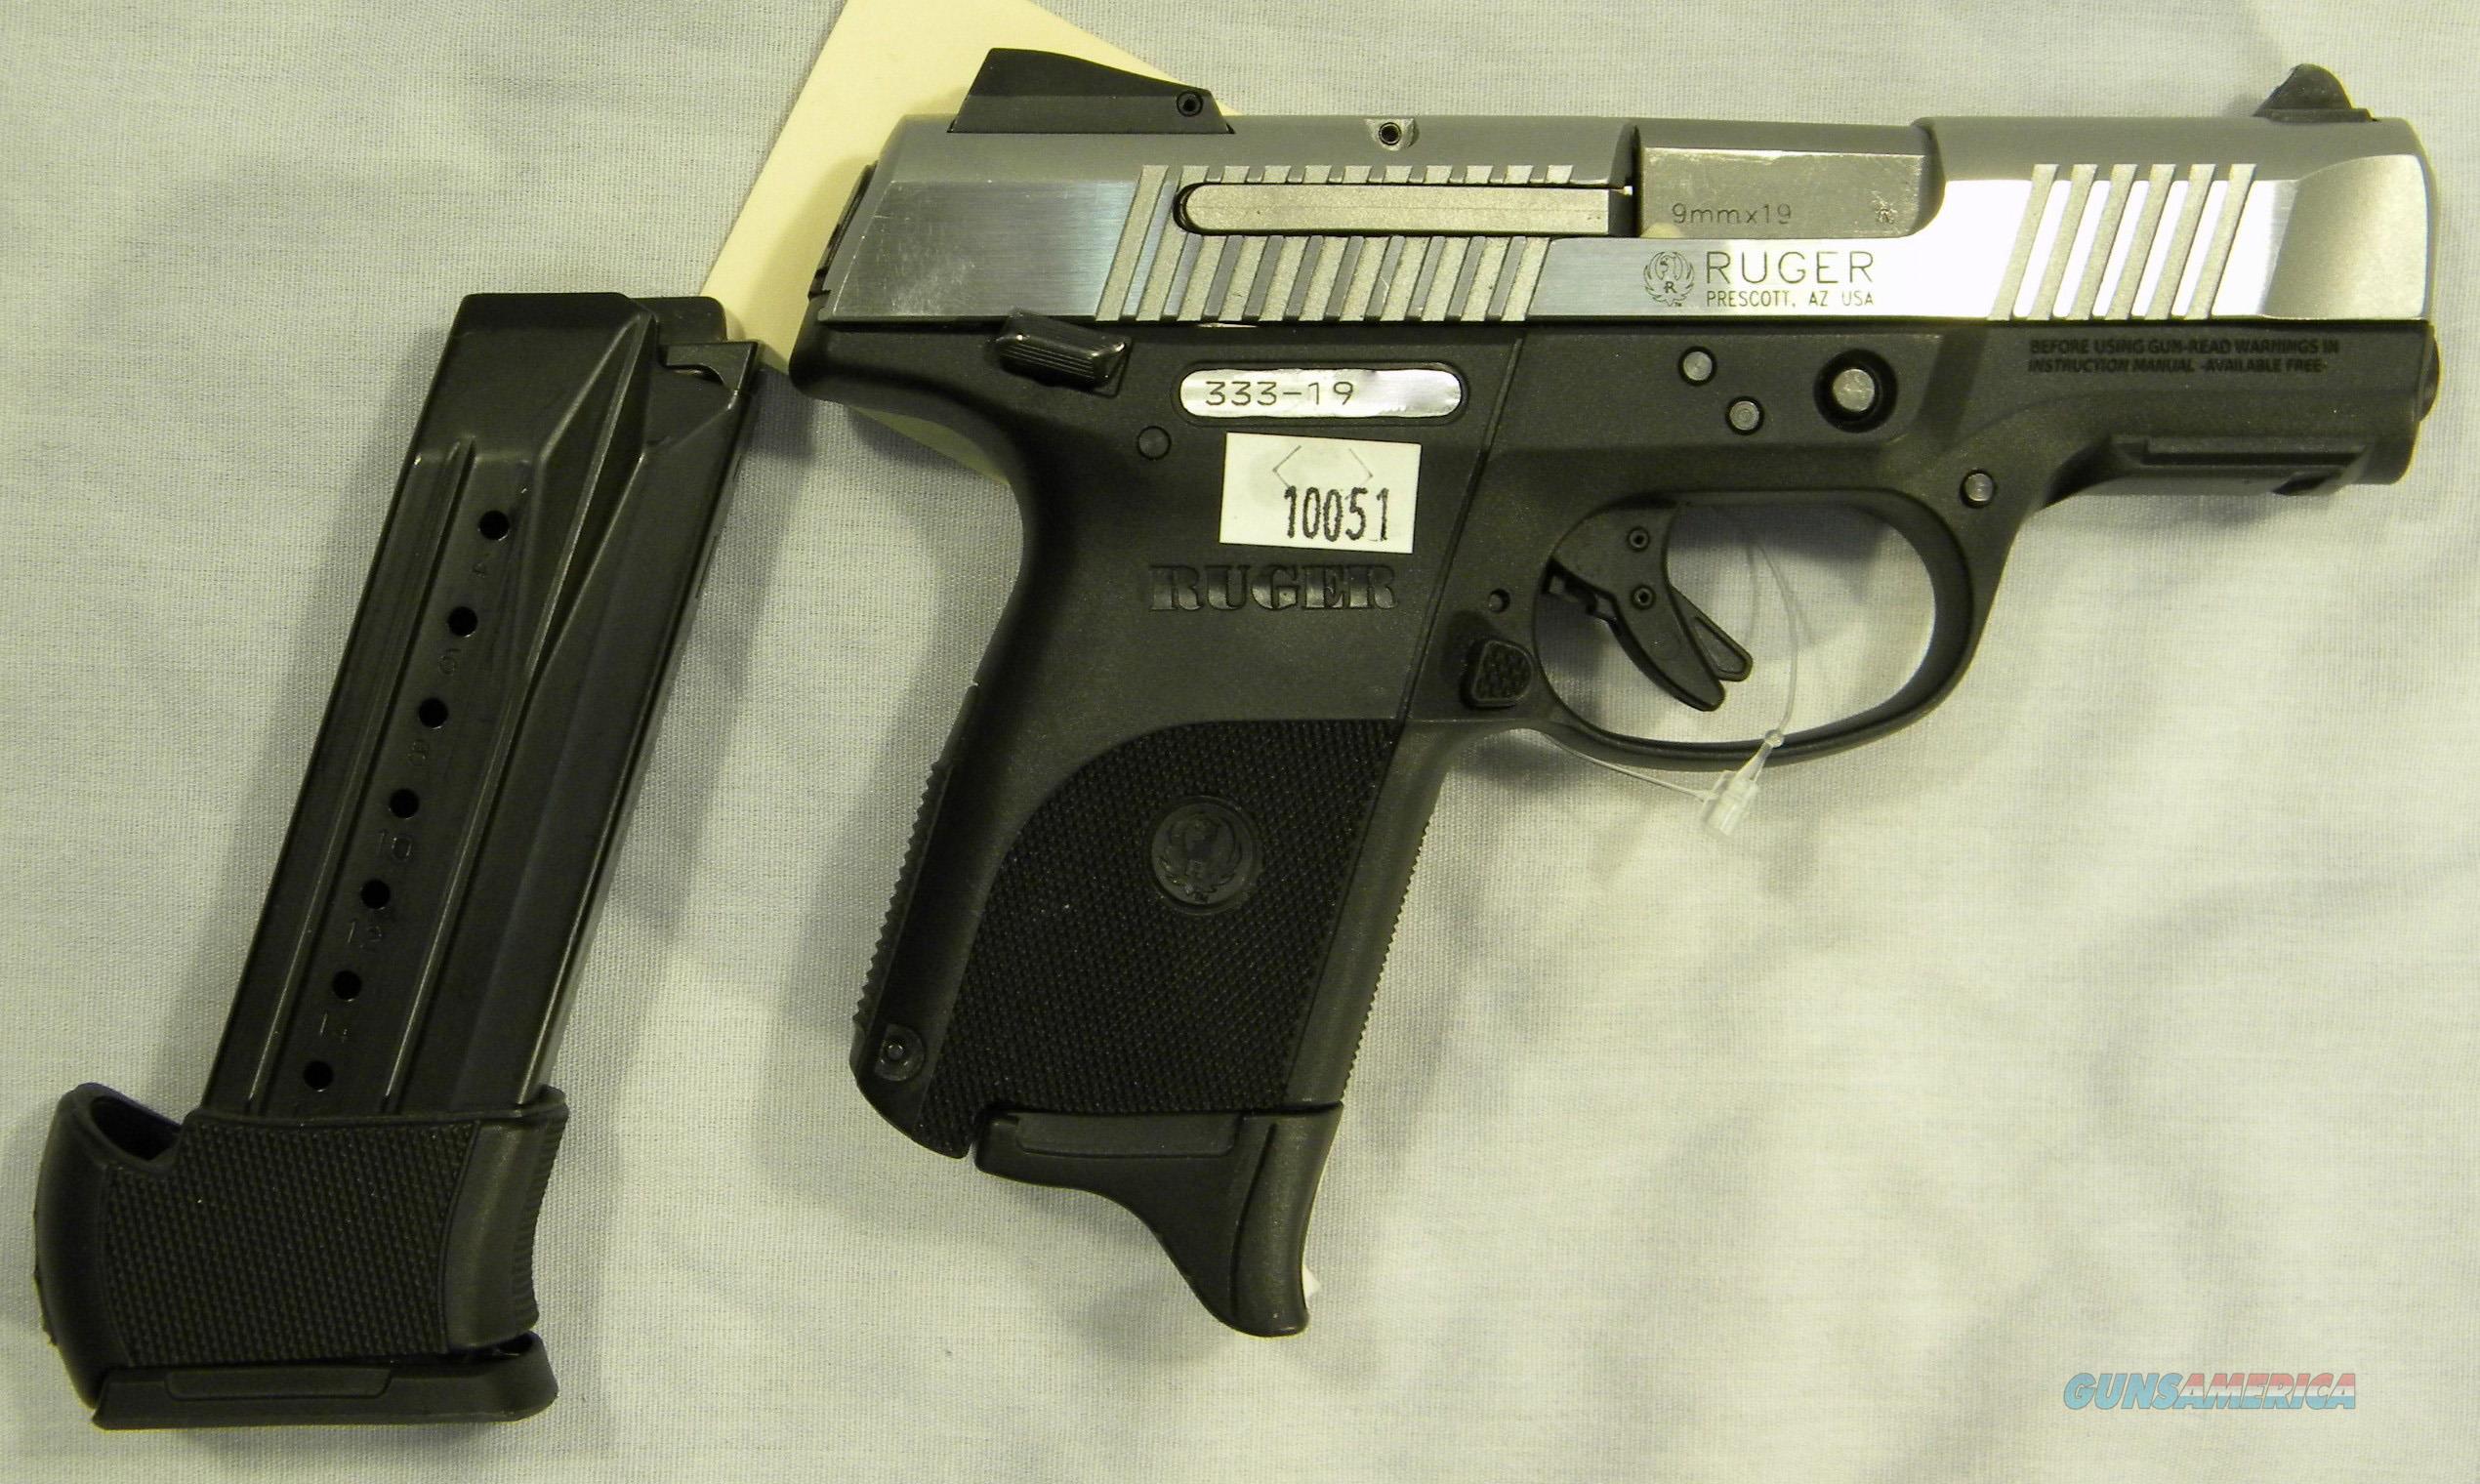 Ruger SR9C, 9mm Semi-Auto Pistol, Stainless Slide, w/Box & Two Mags  Guns > Pistols > Ruger Semi-Auto Pistols > SR Family > SR9C